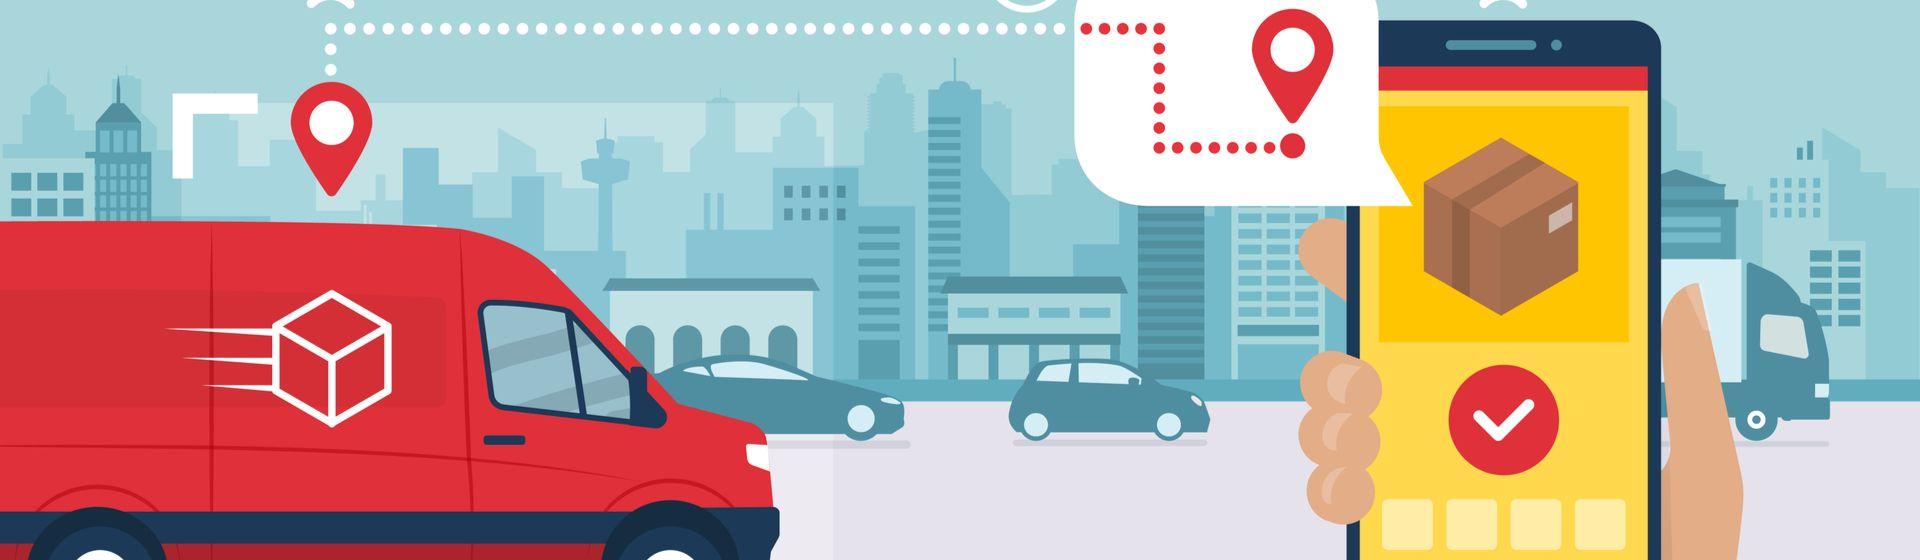 Dia das mães à distância: 4 apps para enviar presentes em 2020